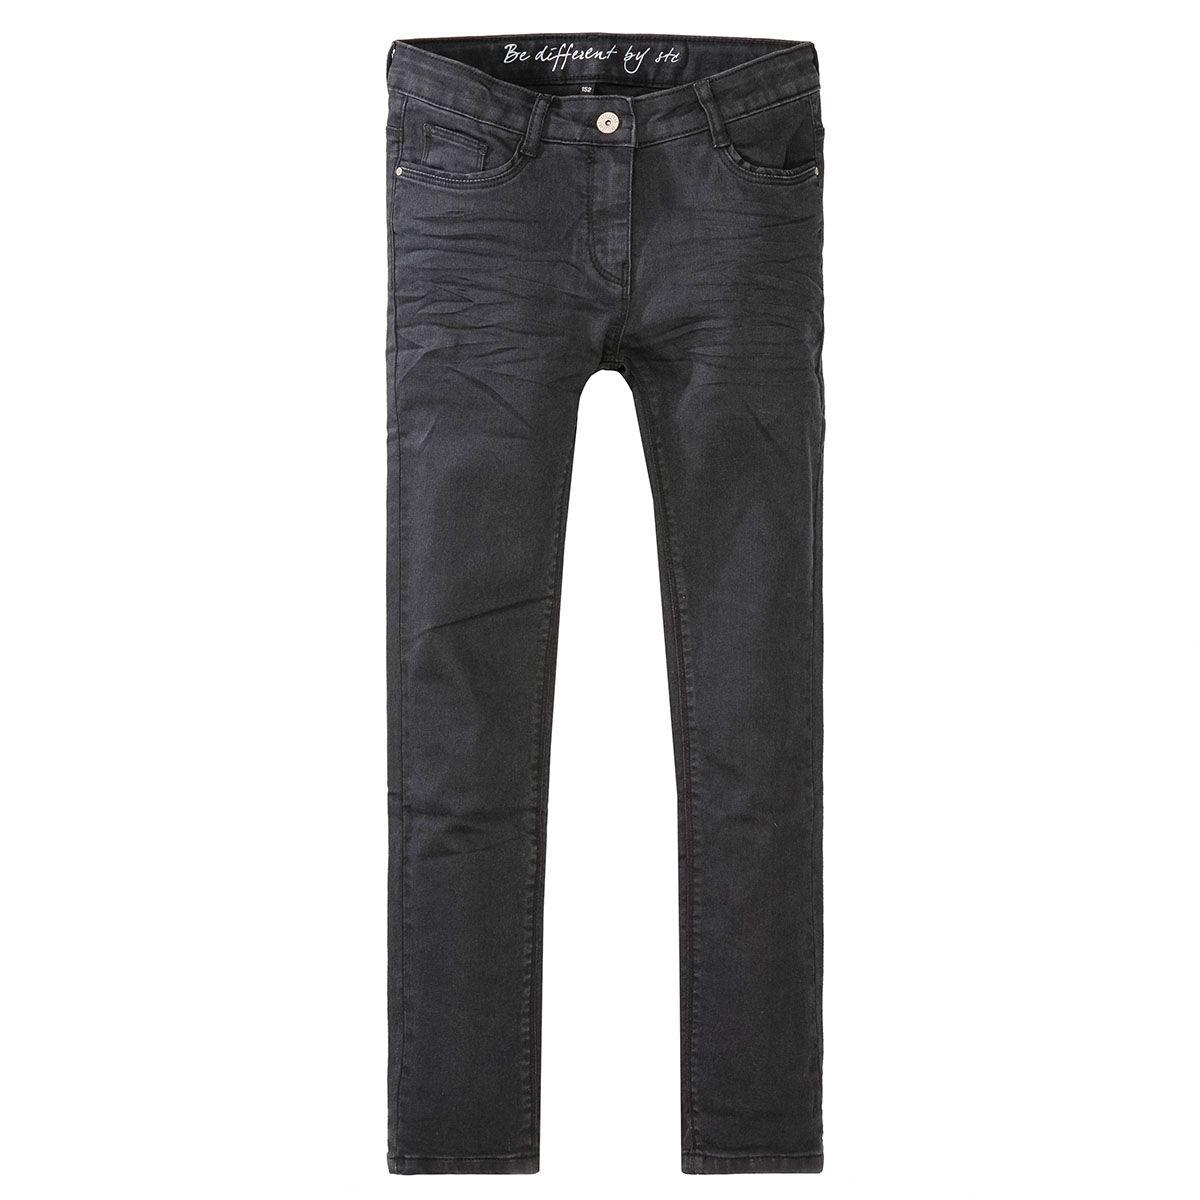 Mädchen Skinny Jeans Regular Fit - Black Denim